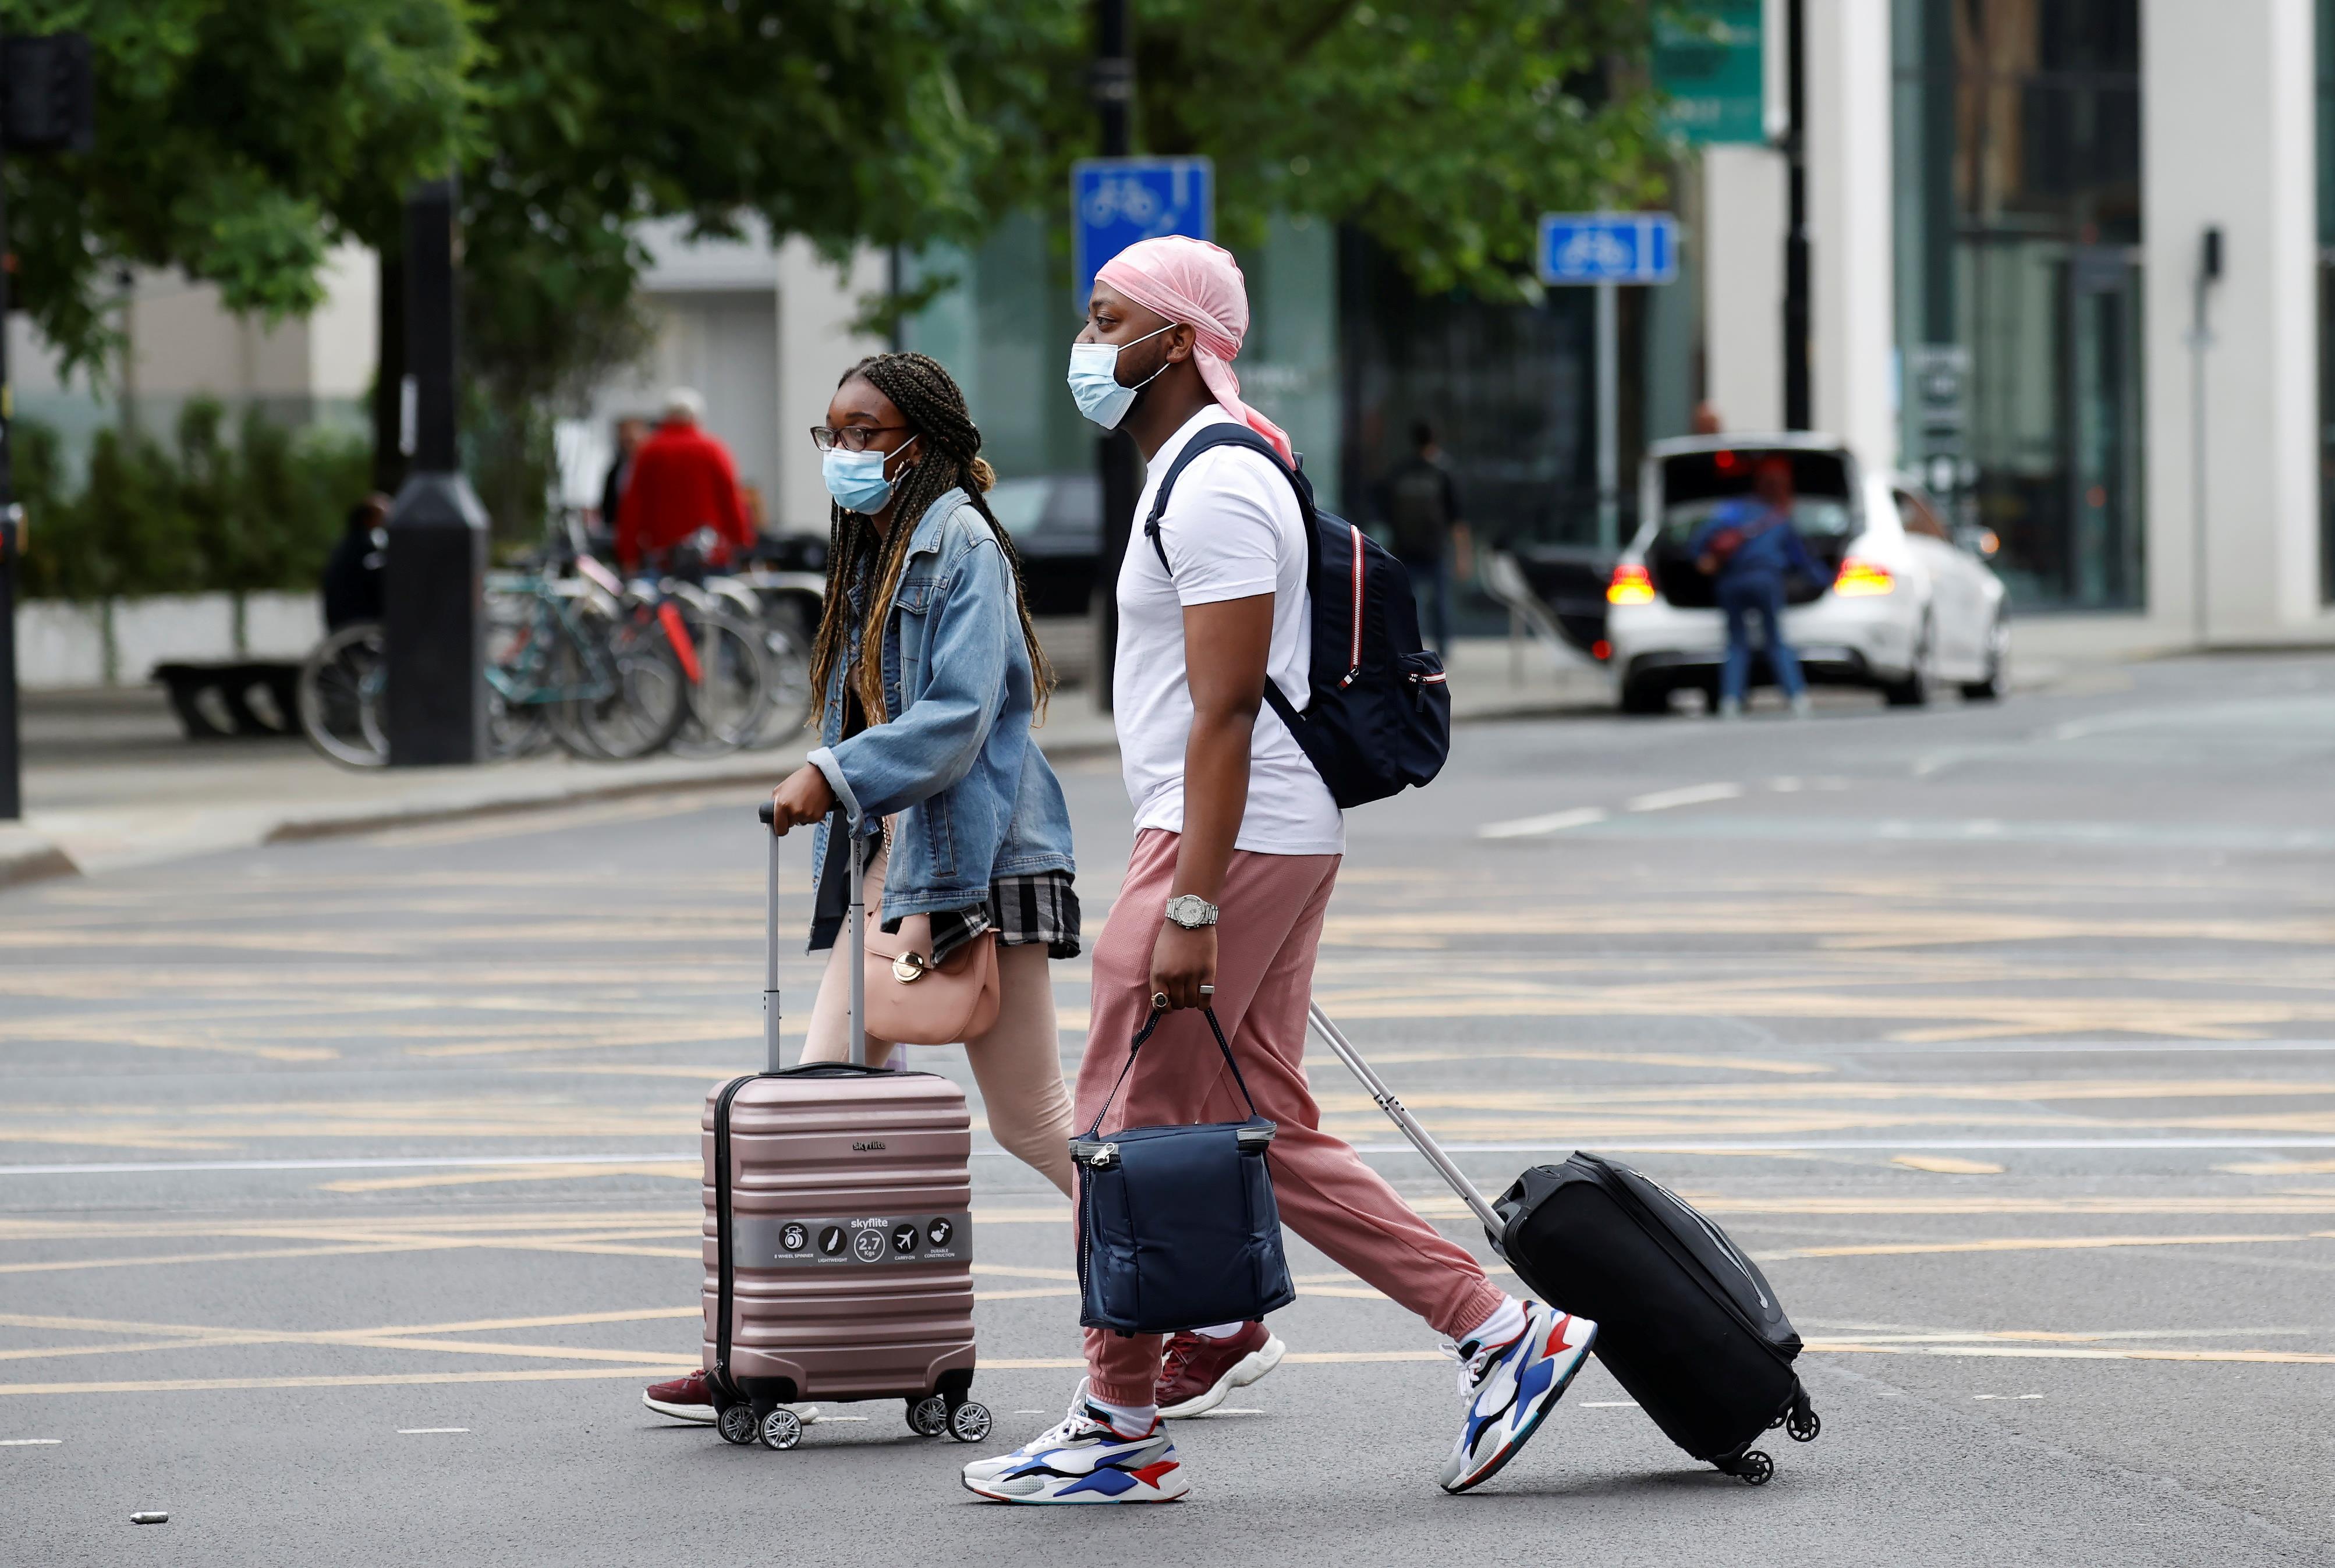 بريطانيا تستبعد انتظام السفر للخارج قبل 2022 وتناشد بقضاء العطل داخليًا